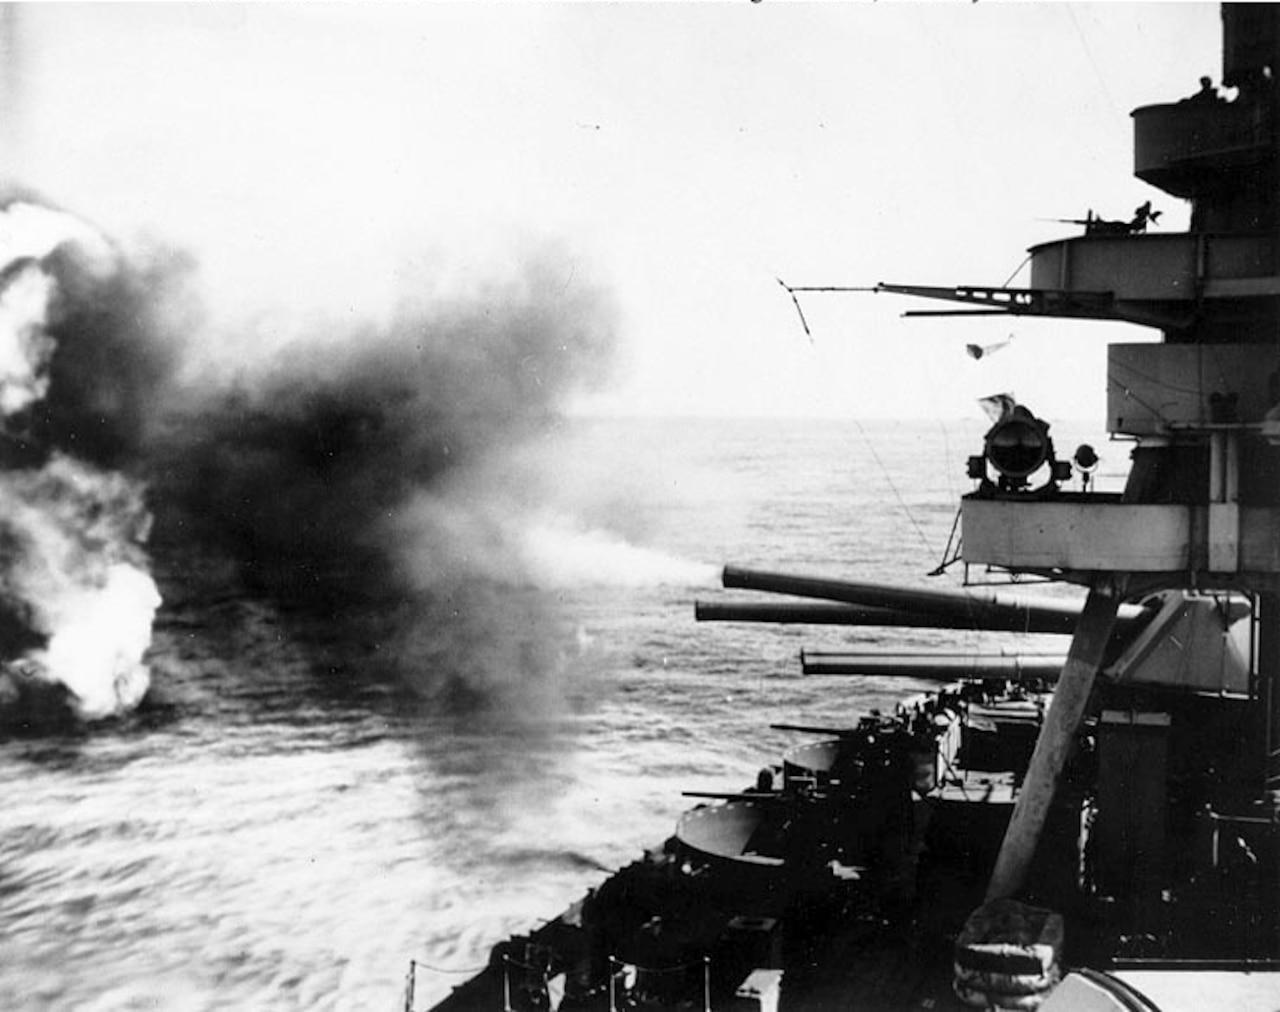 A battleship fires guns.